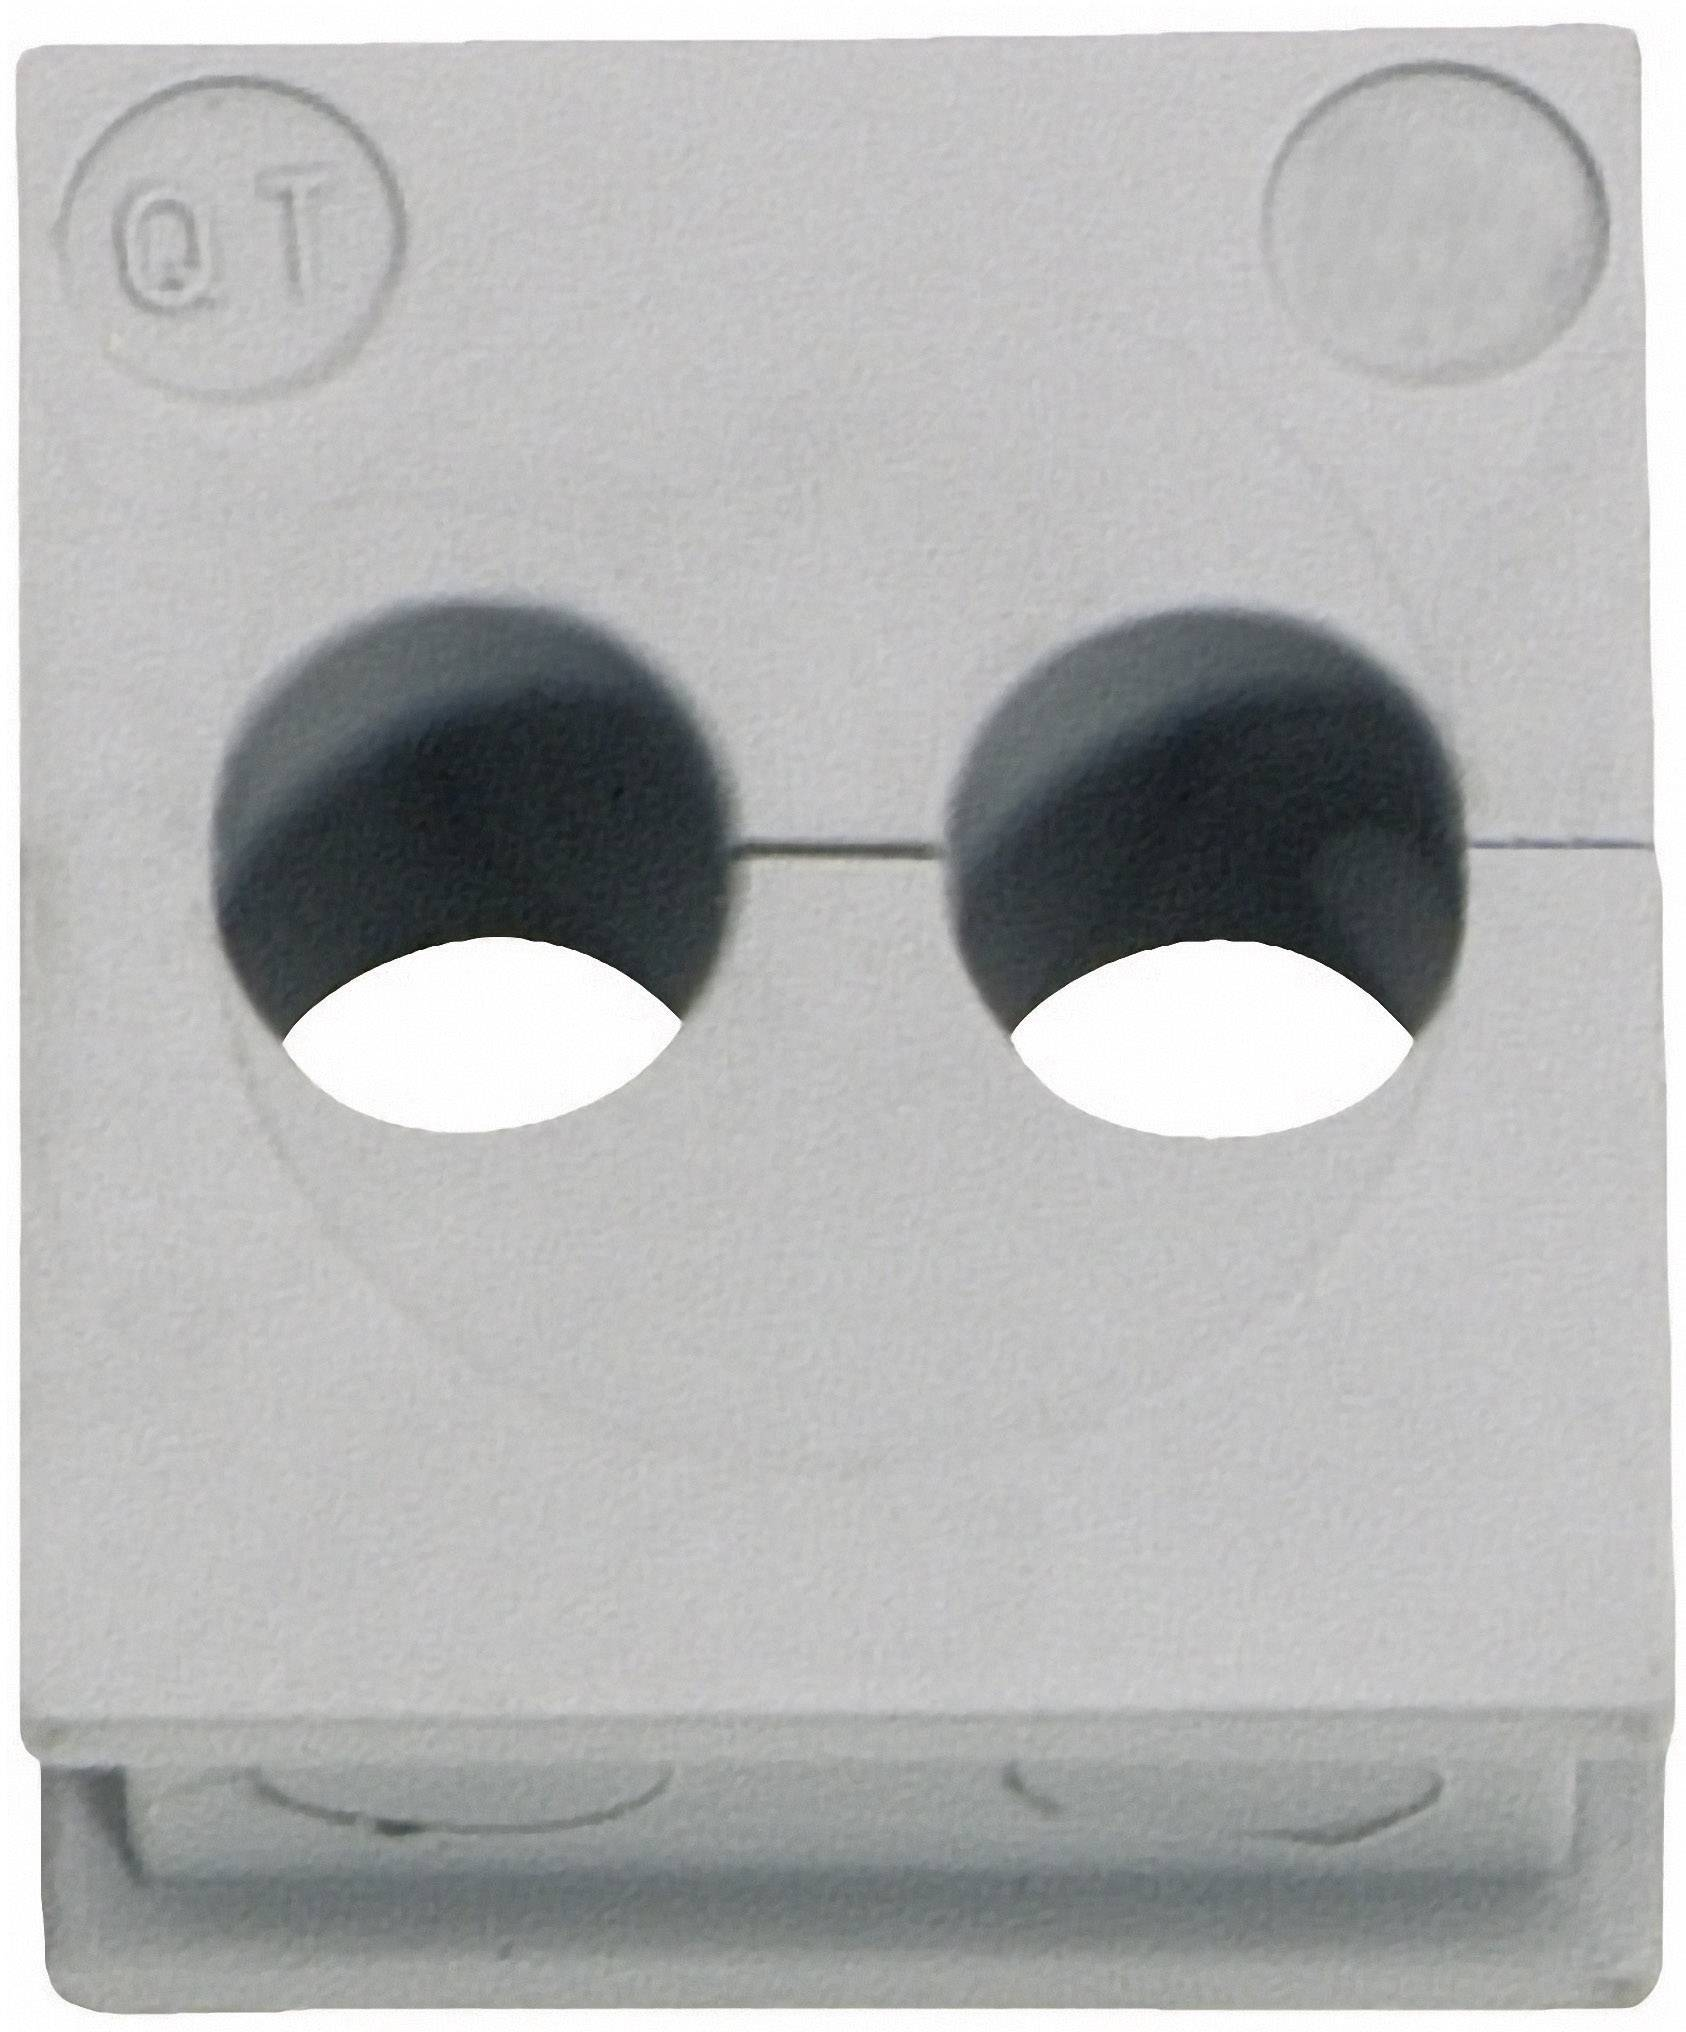 Icotek Kabelska kapa QT QT 2/3 za kabel- 2 x 3 mm, elastomer, siva